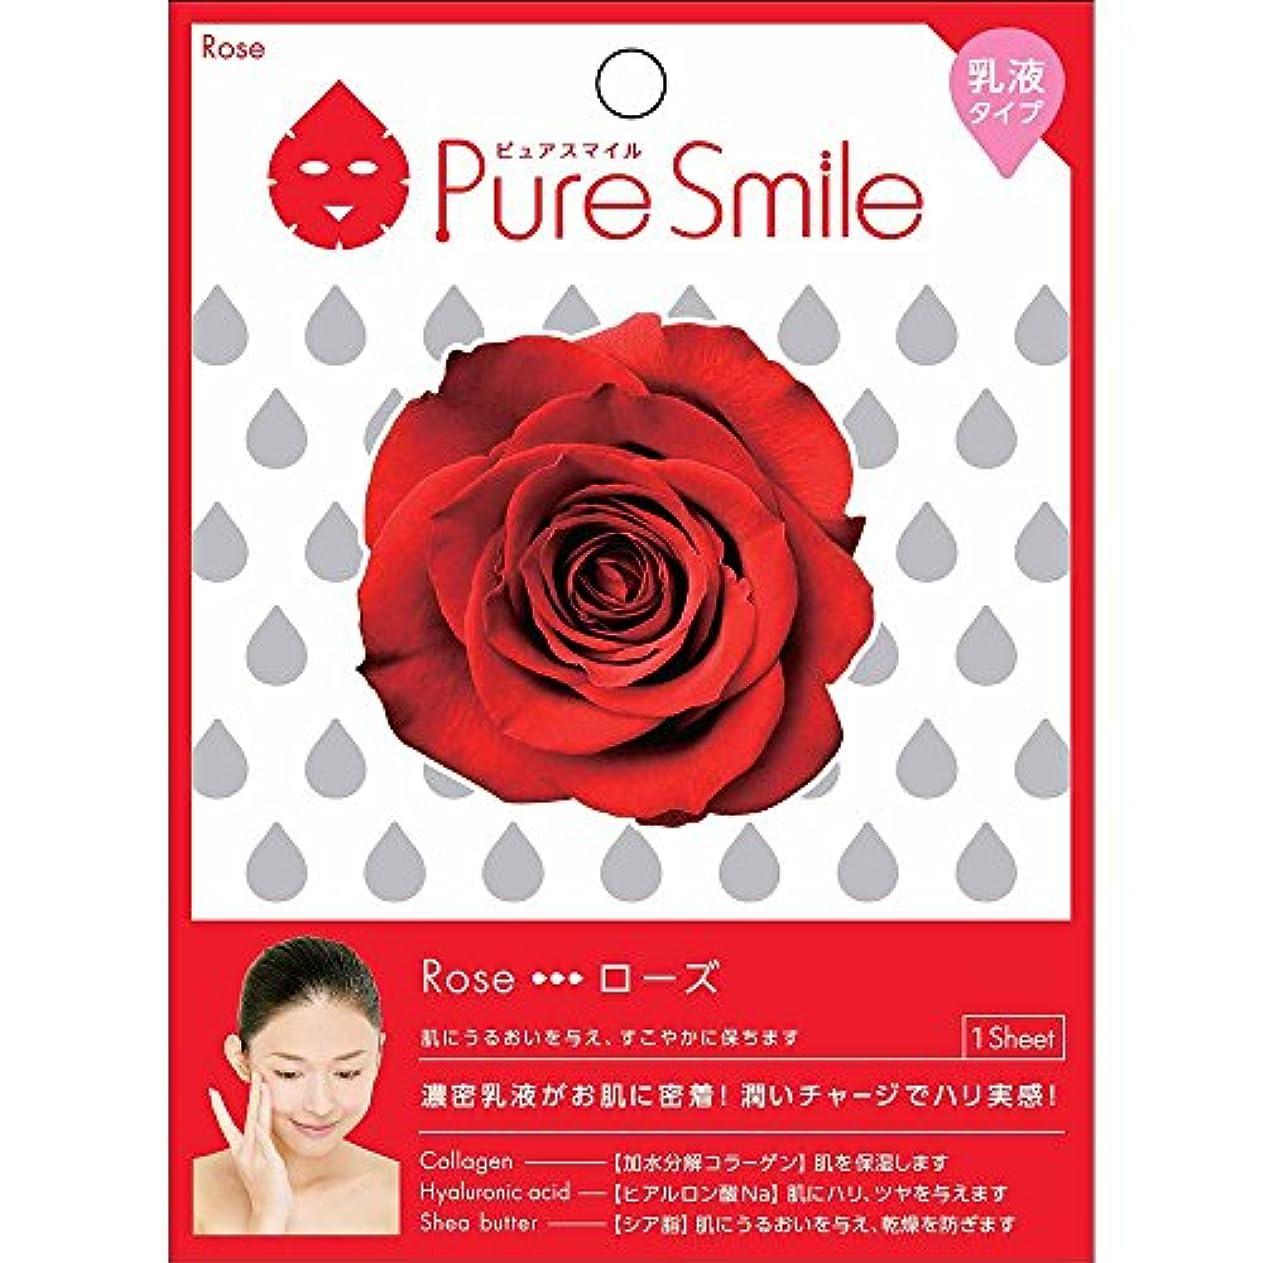 溶けたラメ作動するPure Smile(ピュアスマイル) 乳液エッセンスマスク 1 枚 ローズ